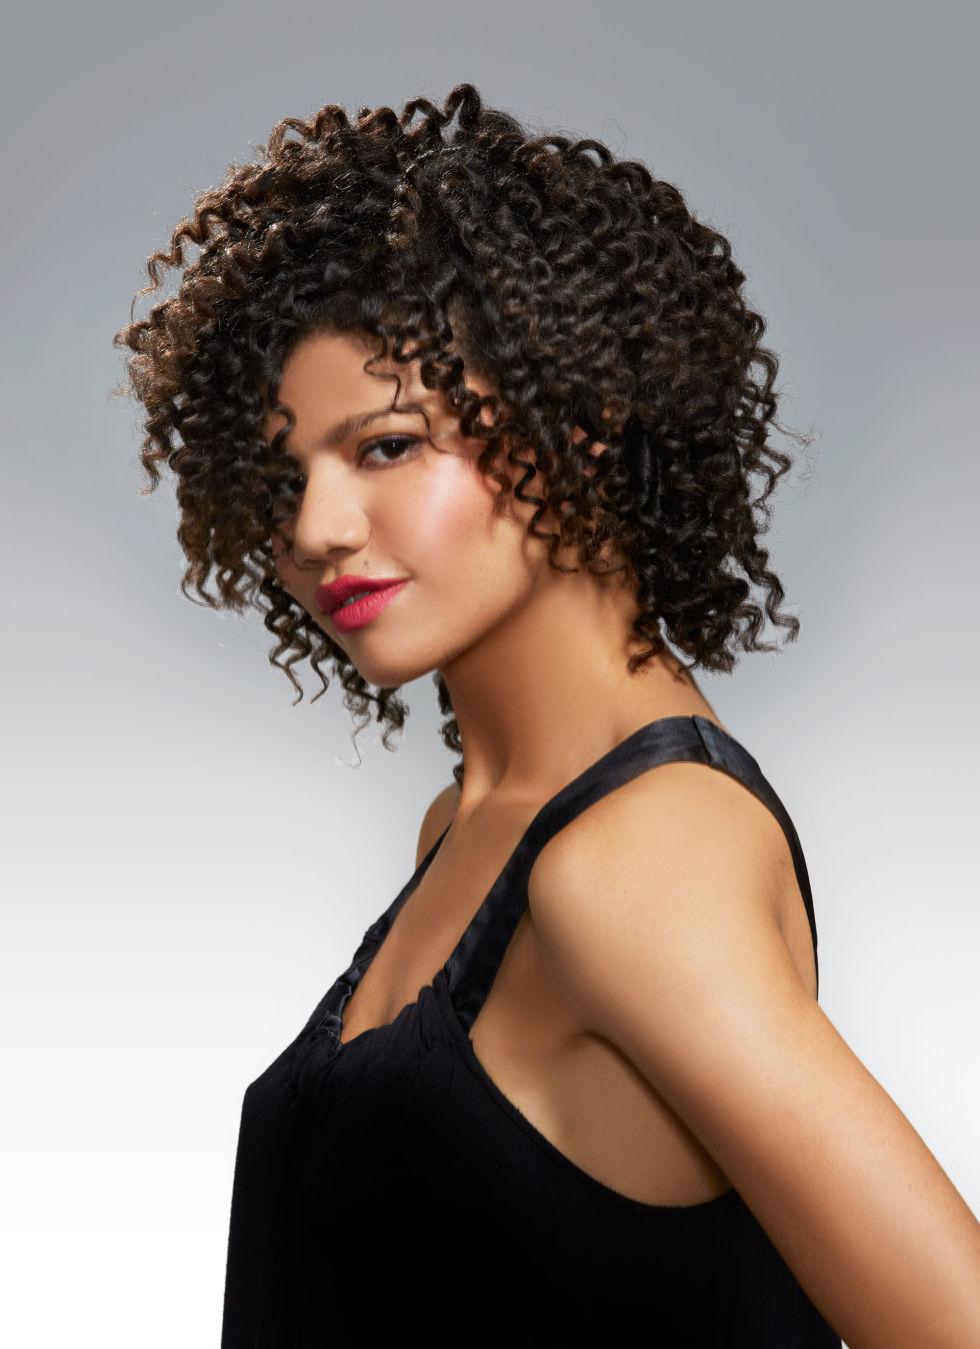 Pleasing 29 Black Hairstyles Best African American Hairstyles Amp Haircuts Short Hairstyles Gunalazisus